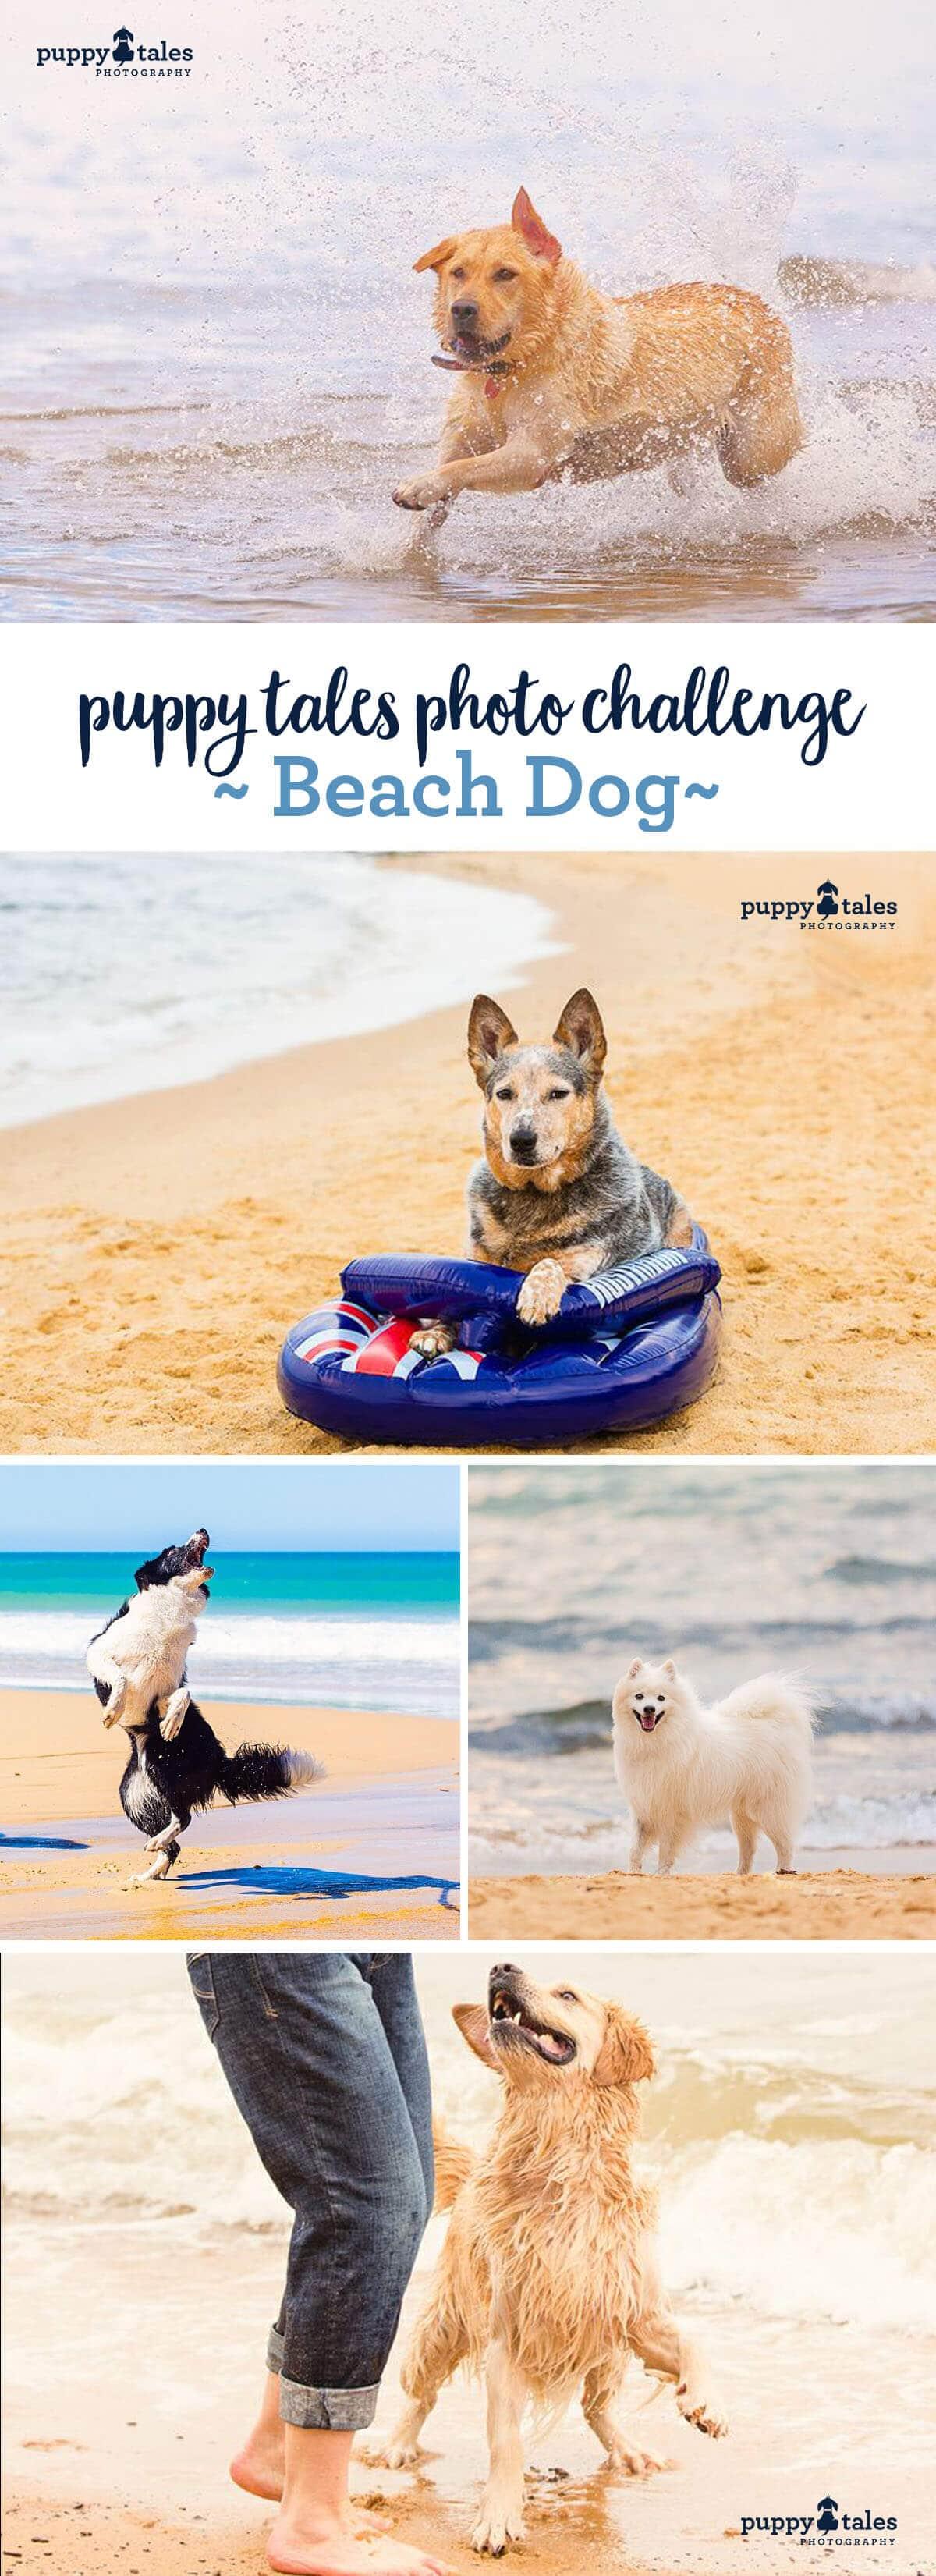 Puppy Tales Photo Challenge - Beach Dog